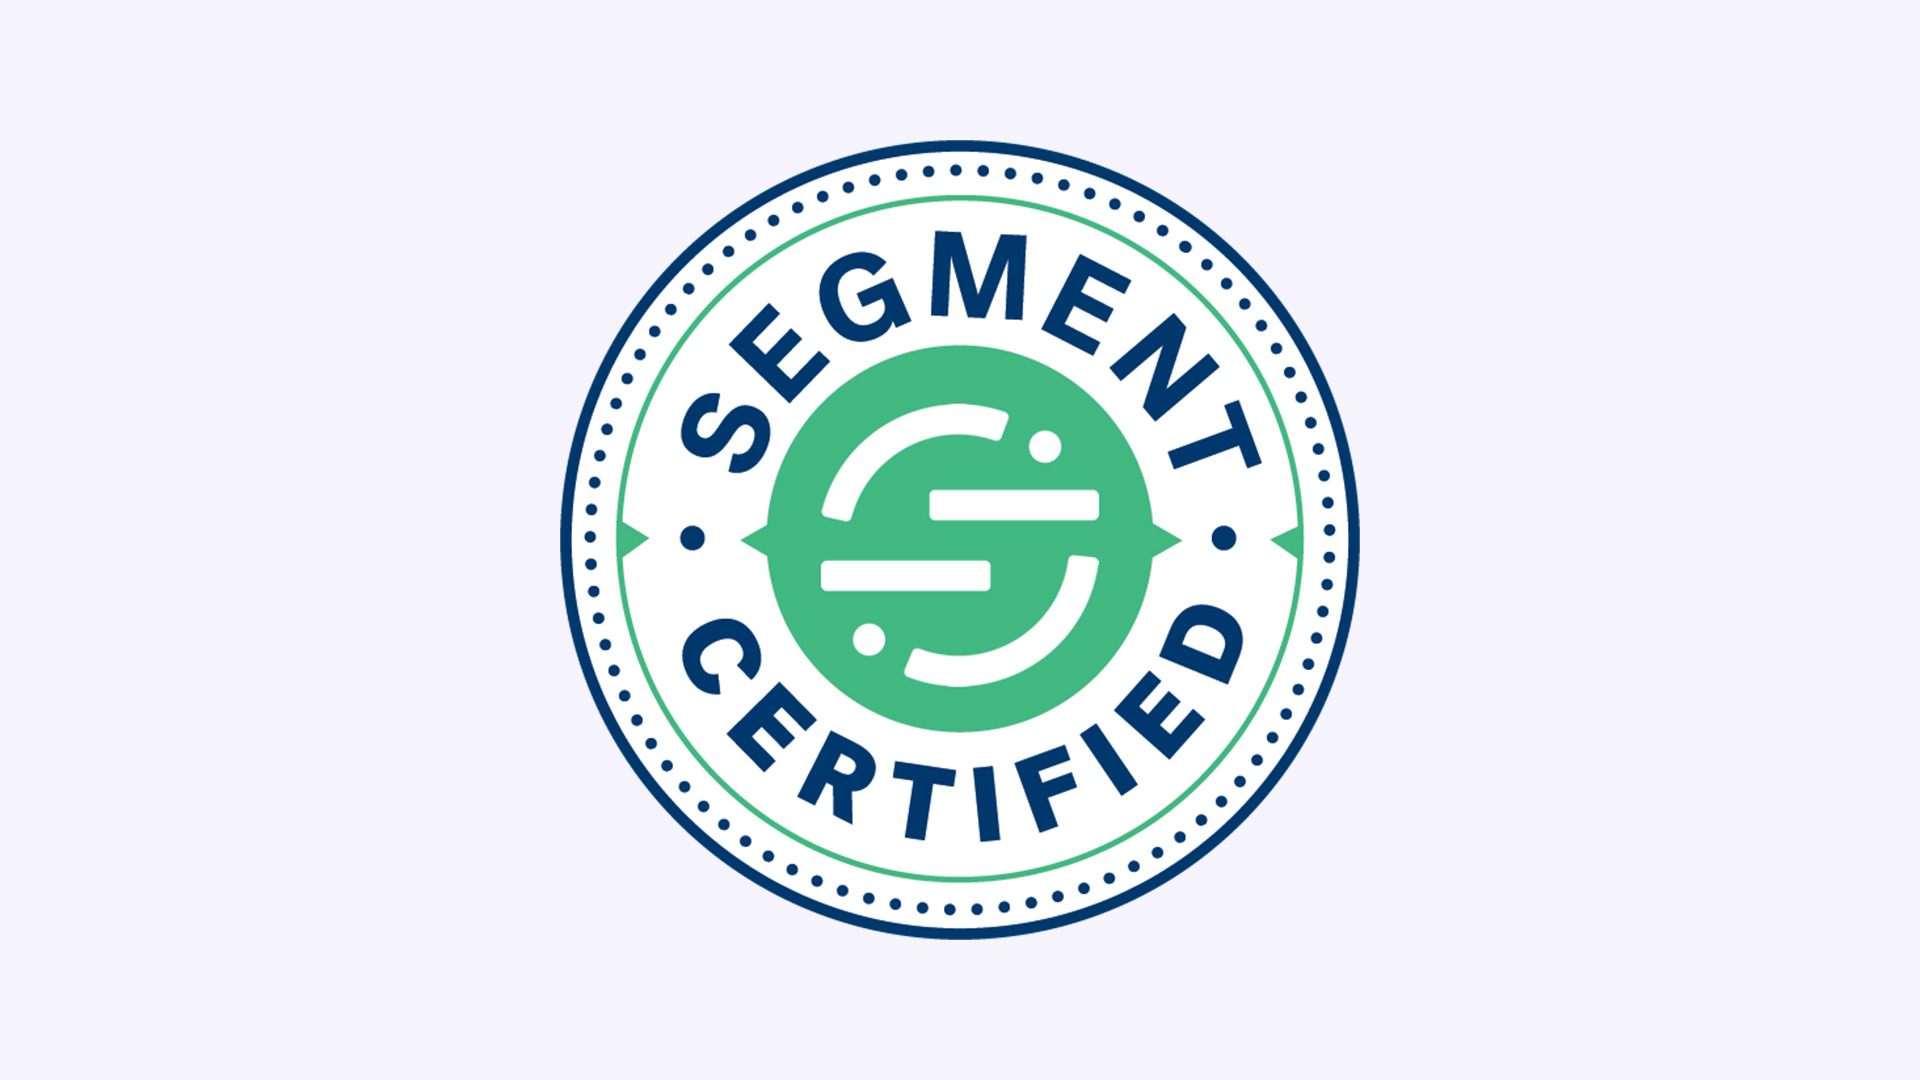 Bottle Rocket is a Certified Segment Partner